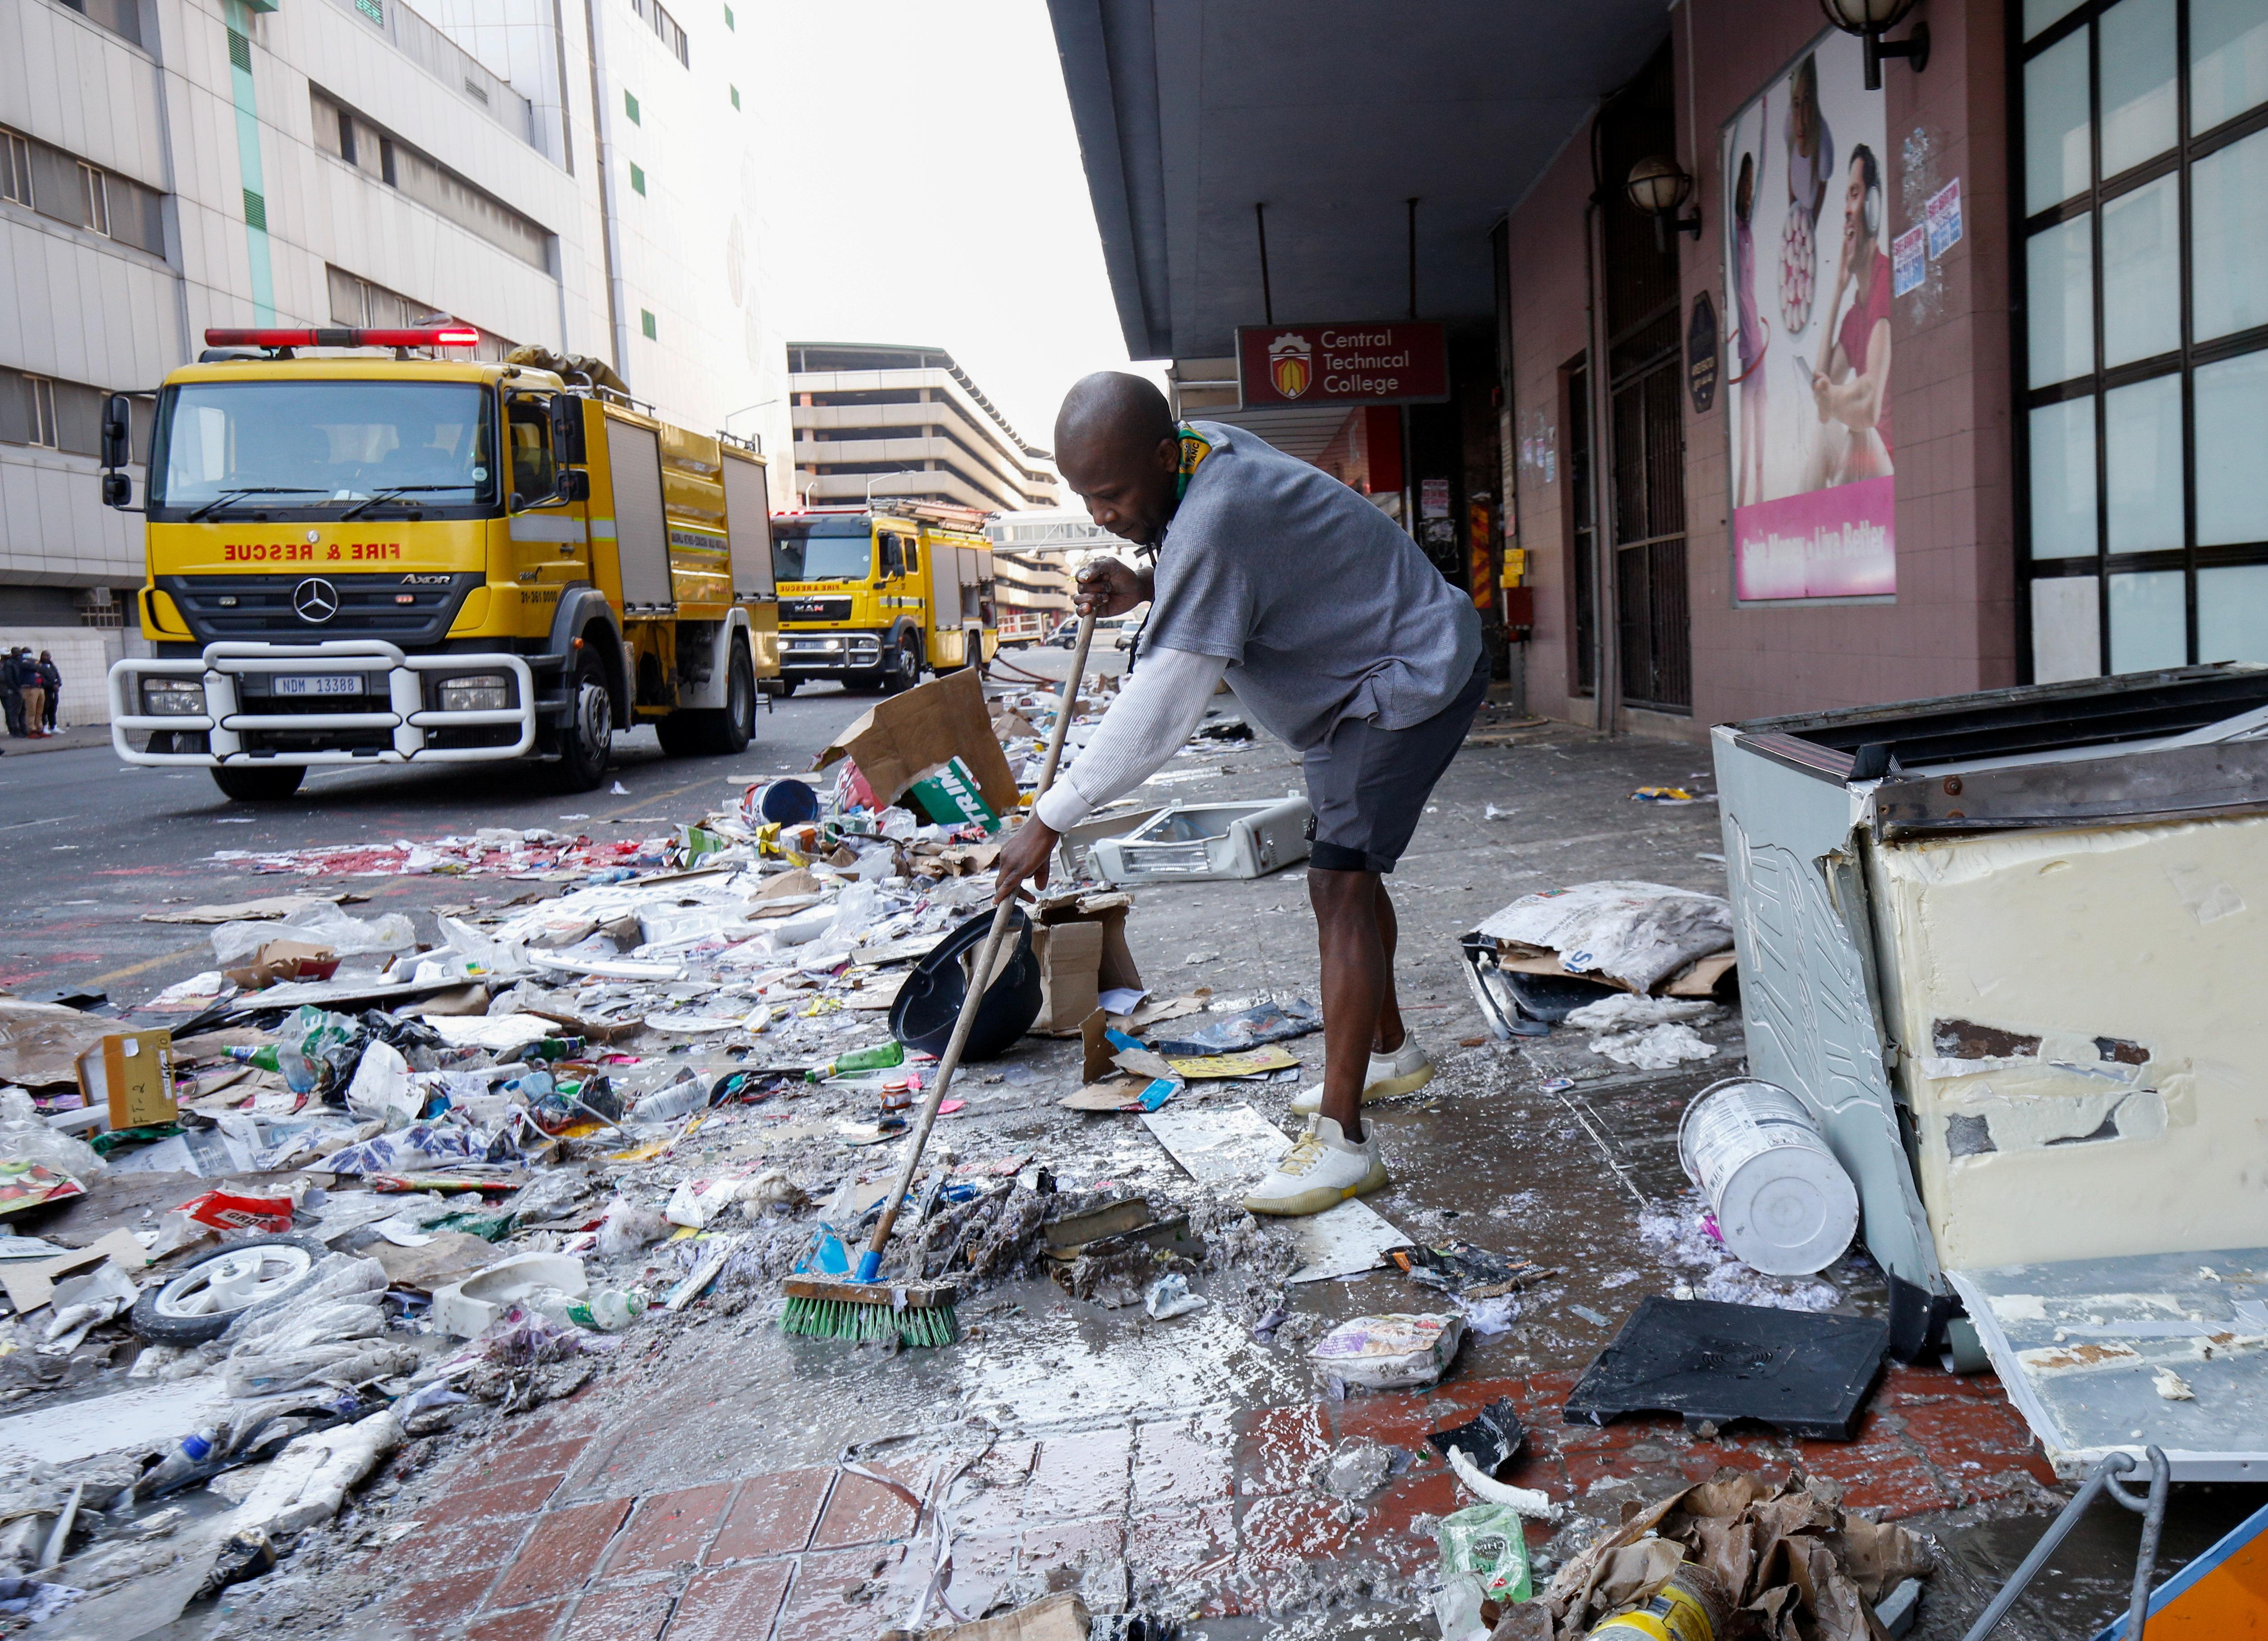 लूटपाट के बाद दुकान के सामने पड़े कचरे की सफाई करता युवक।